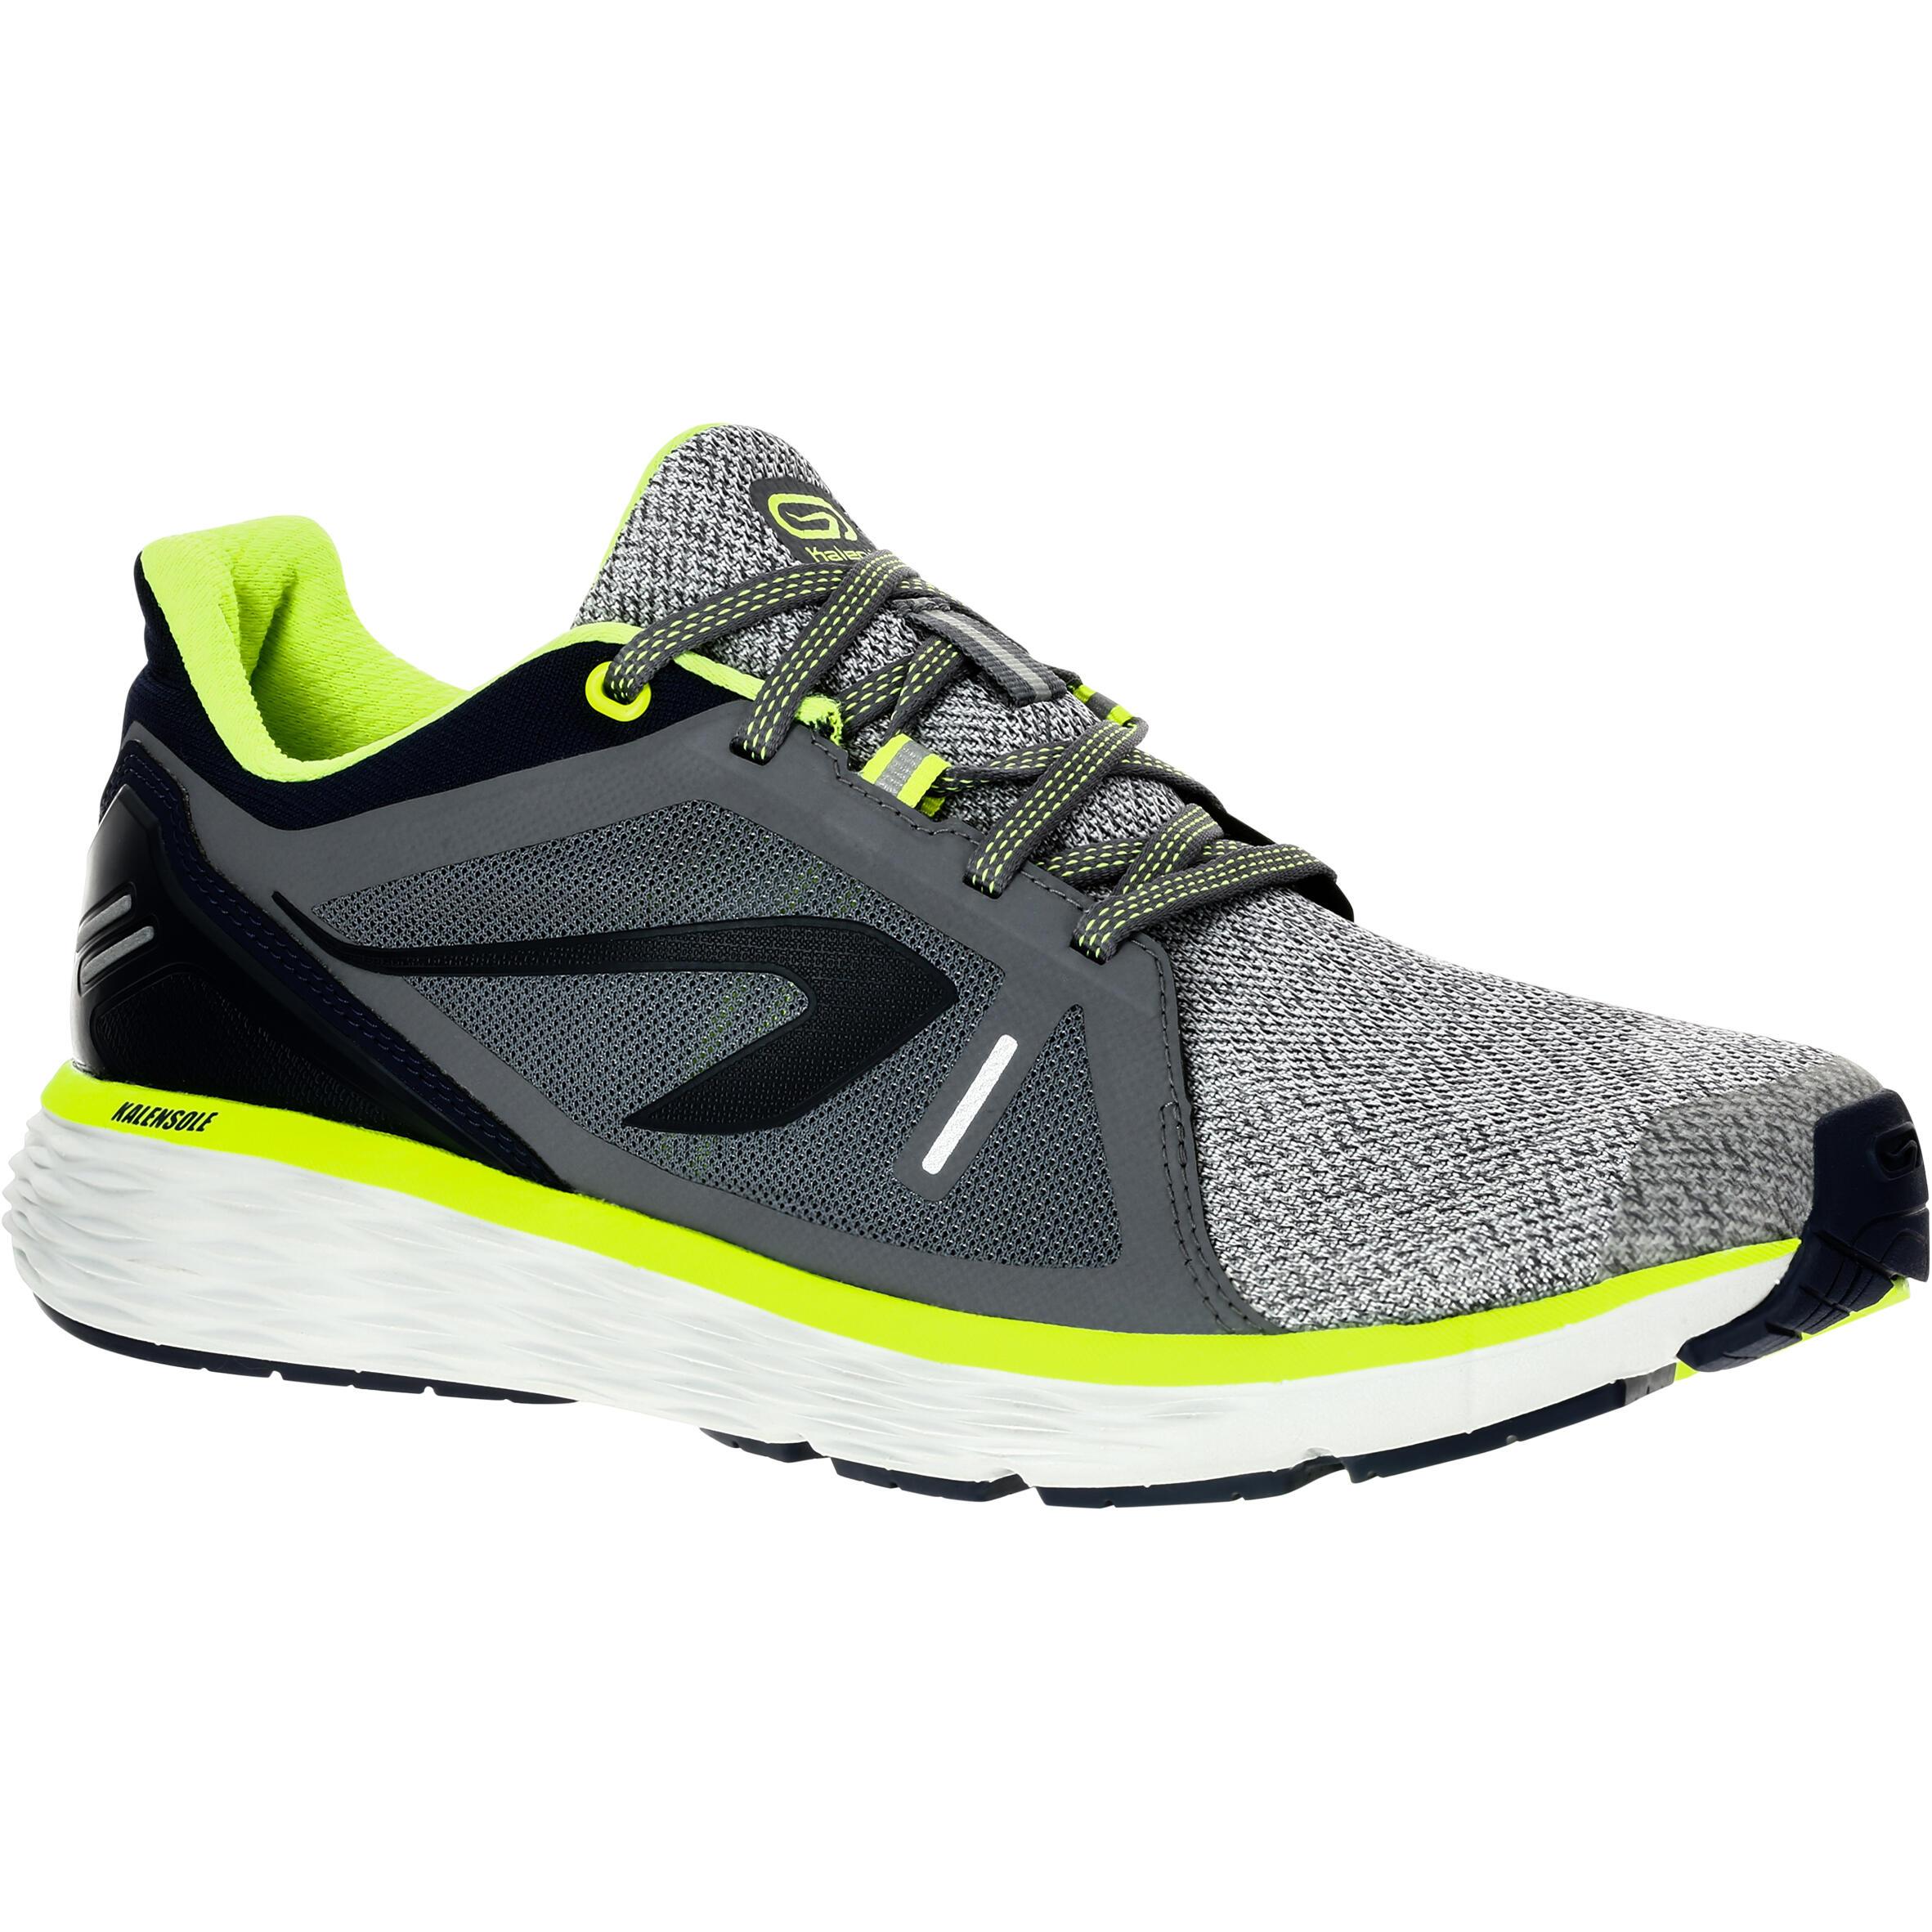 Kalenji Hardloopschoenen voor heren Run Comfort grijs